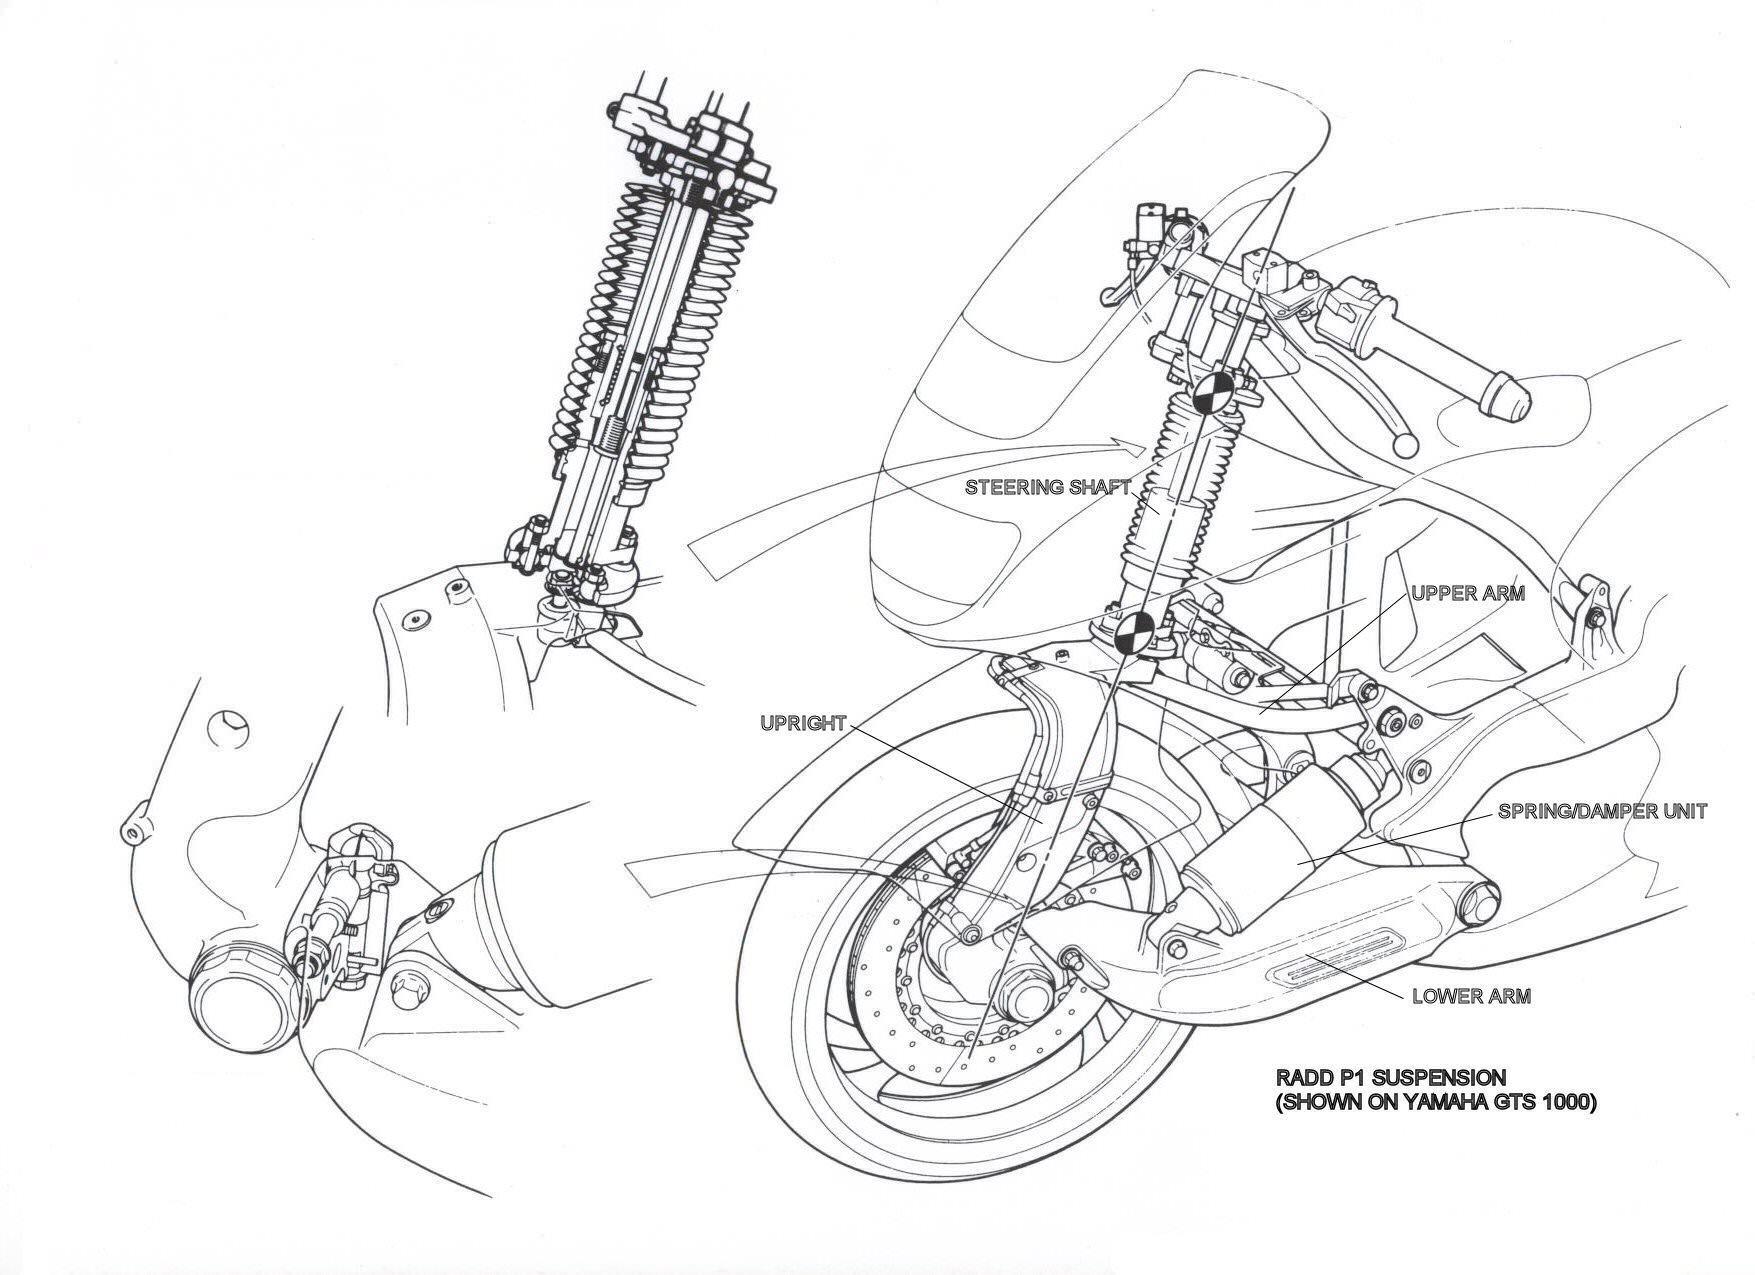 Yamaha Thunderace Suspension Setup